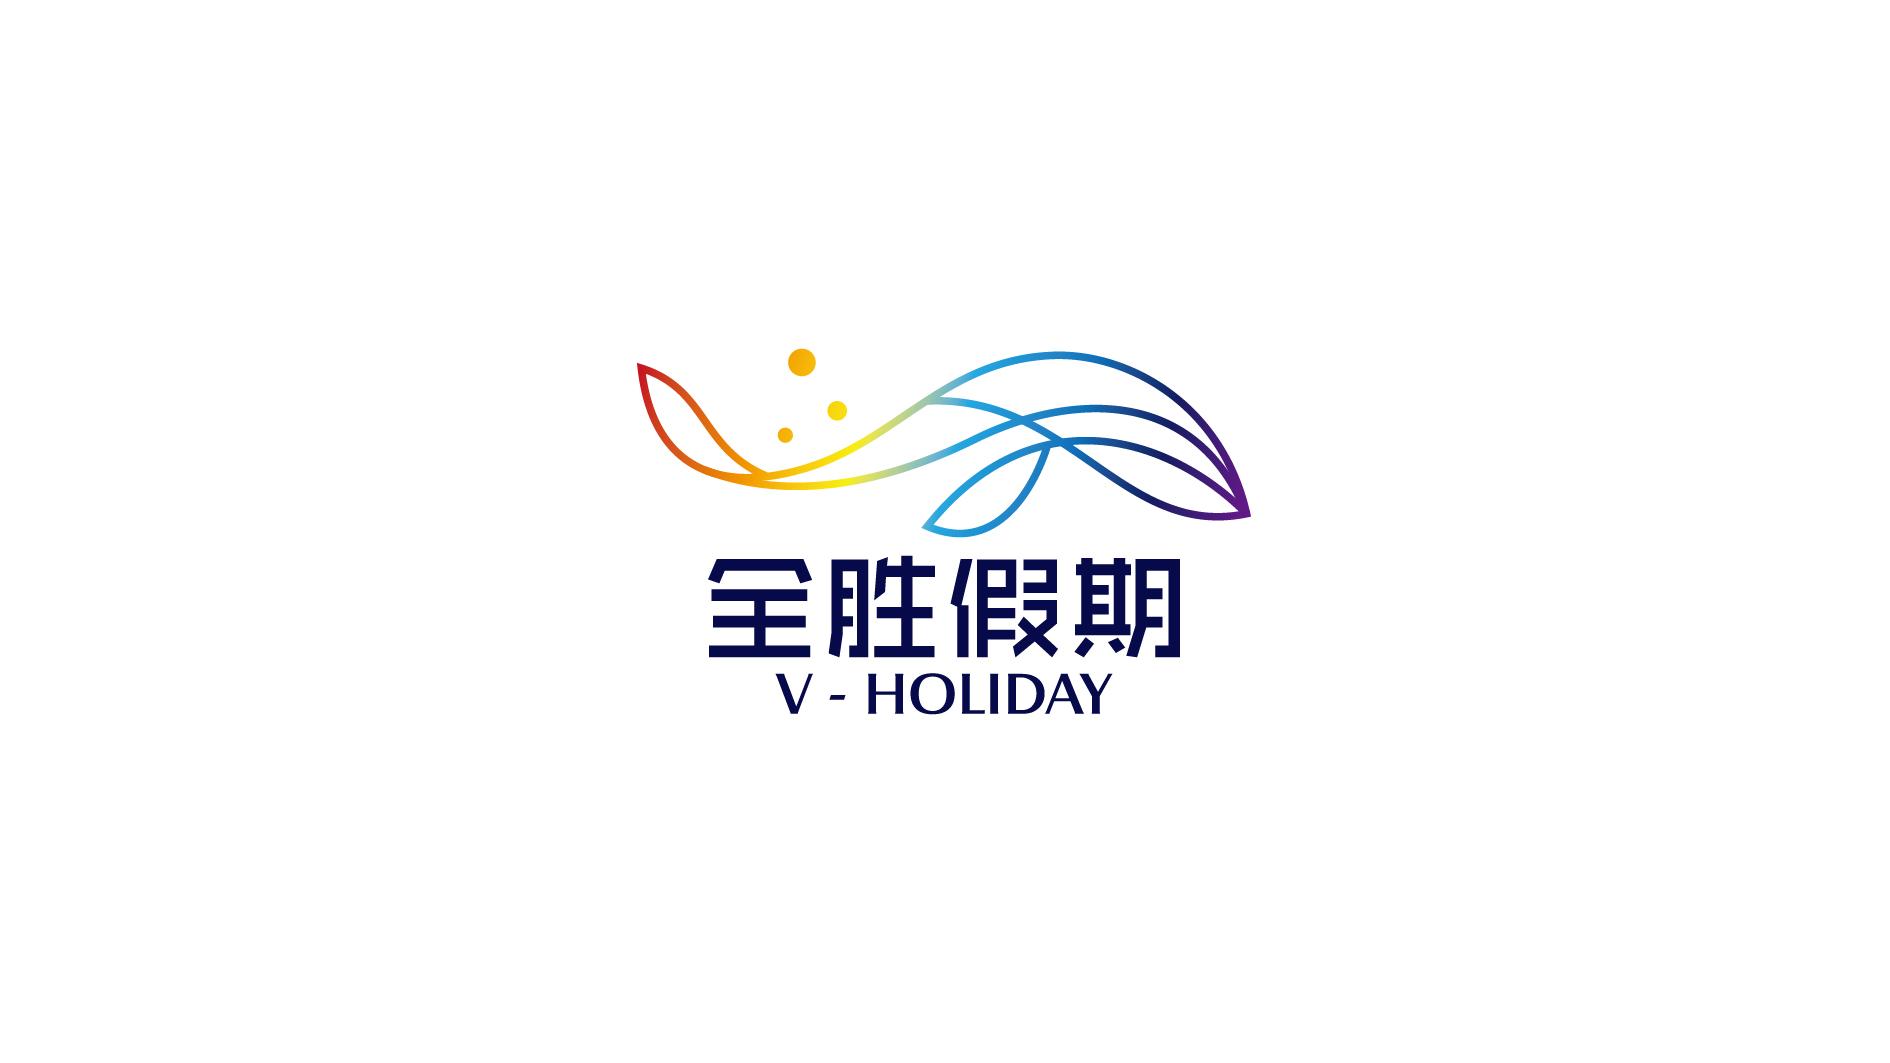 全胜假期旅行社LOGO设计